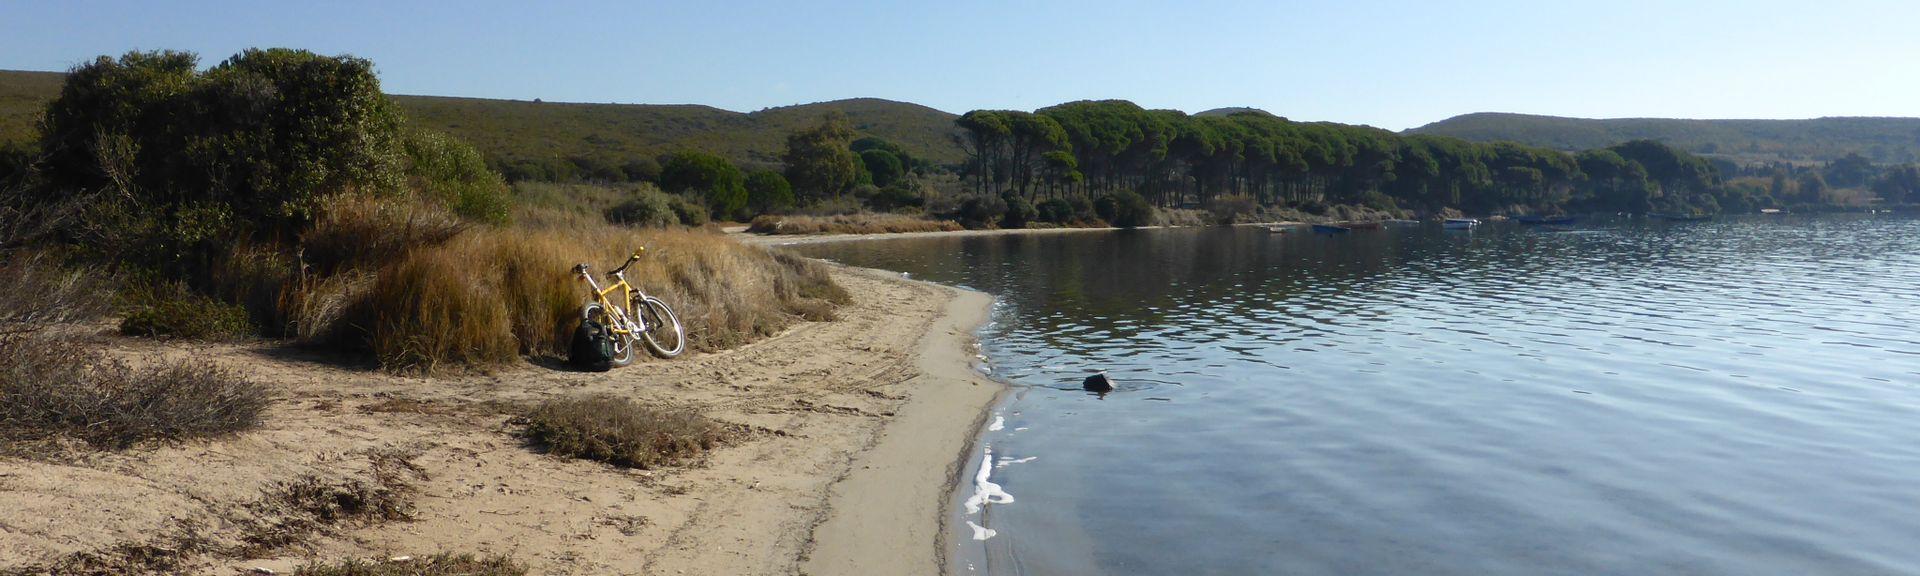 Calasetta, South Sardinia, Sardinia, Italy